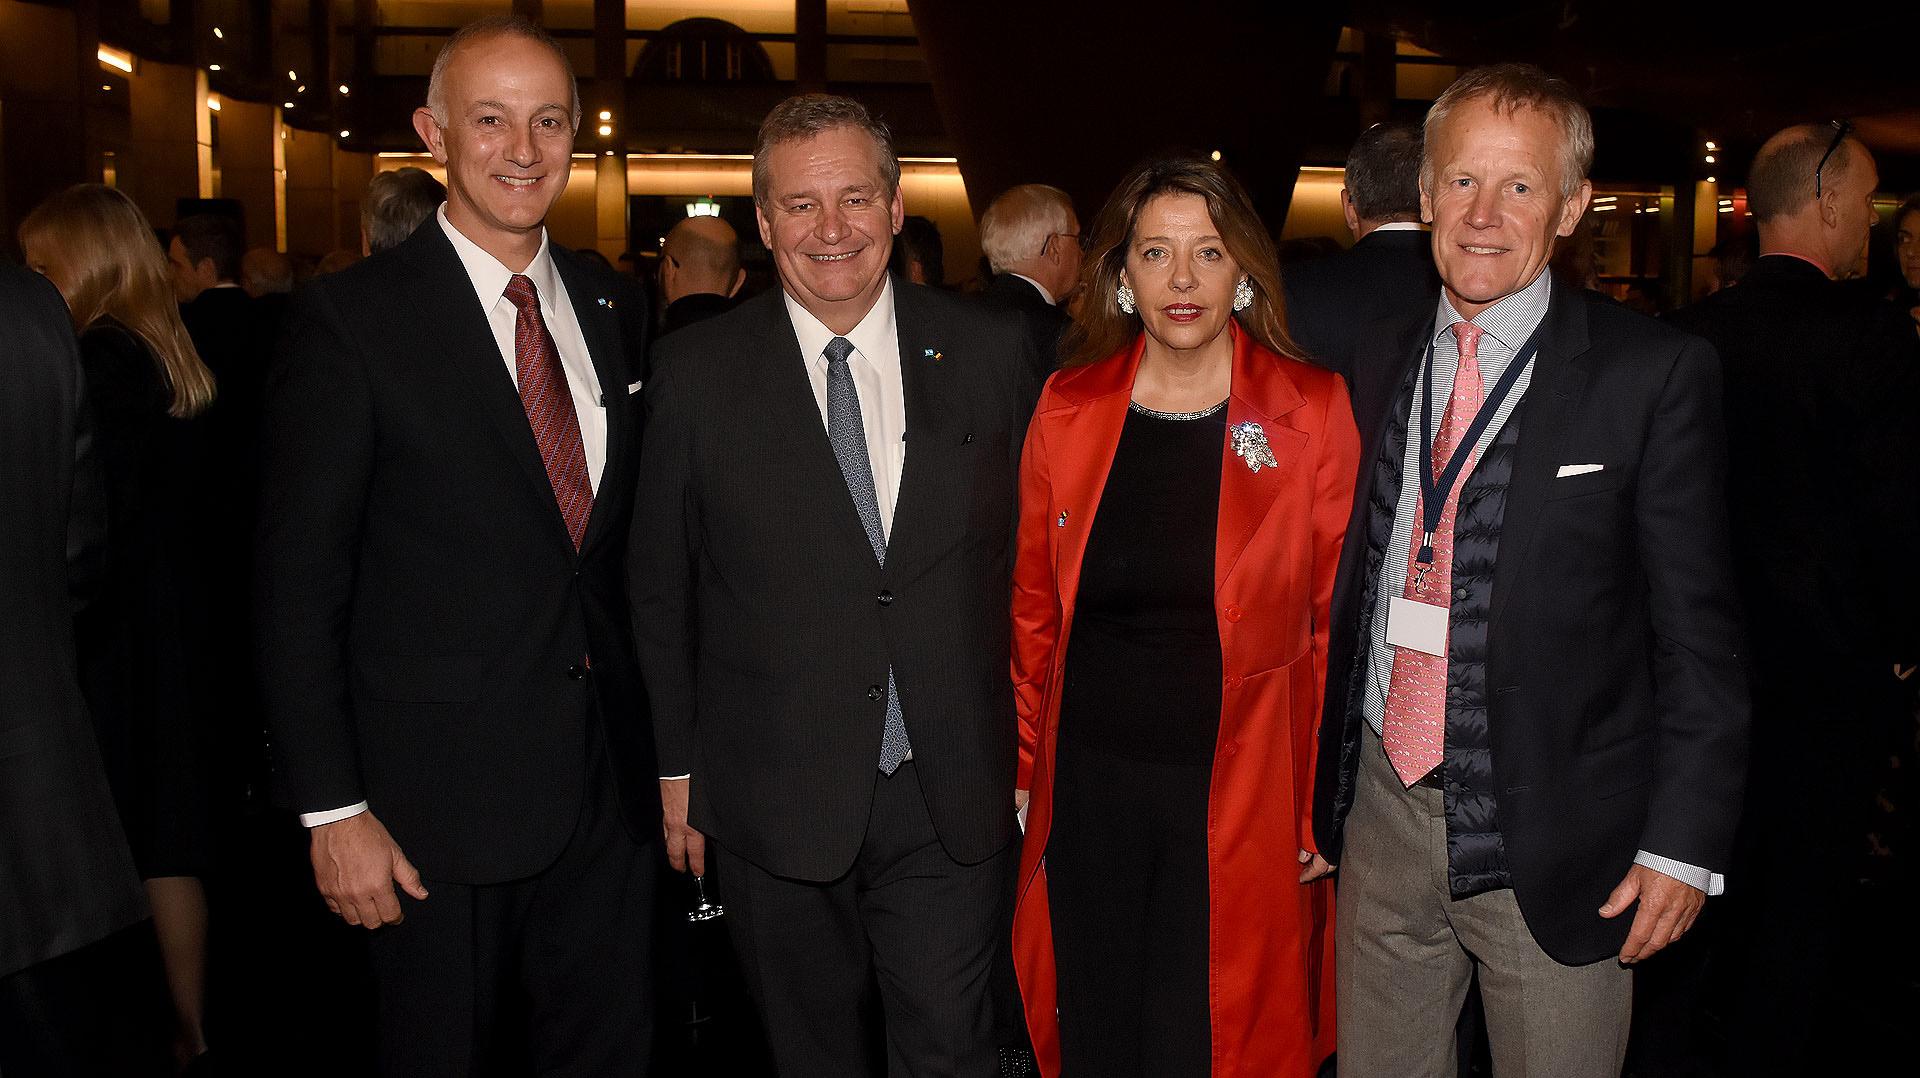 Carlos Juni, presidente de Ionics, junto al embajador de Bélgica en la Argentina, Peter Maddens; María Claudia Pedrayes y Frank Giegas, CEO de DS Group